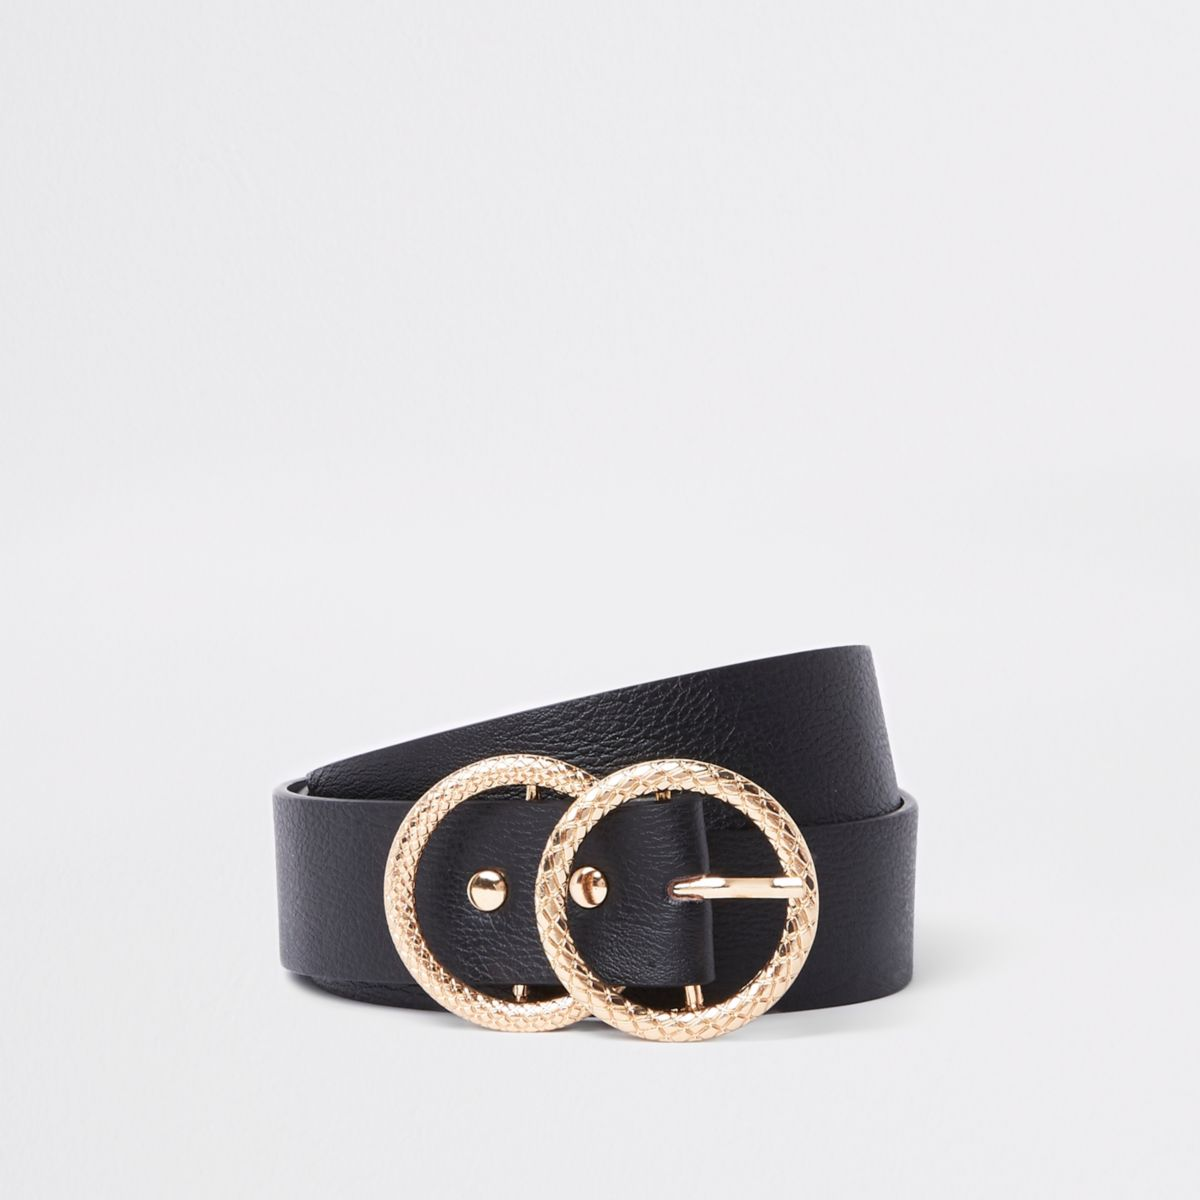 Zwarte riem met textuur en goudkleurige dubbele ring